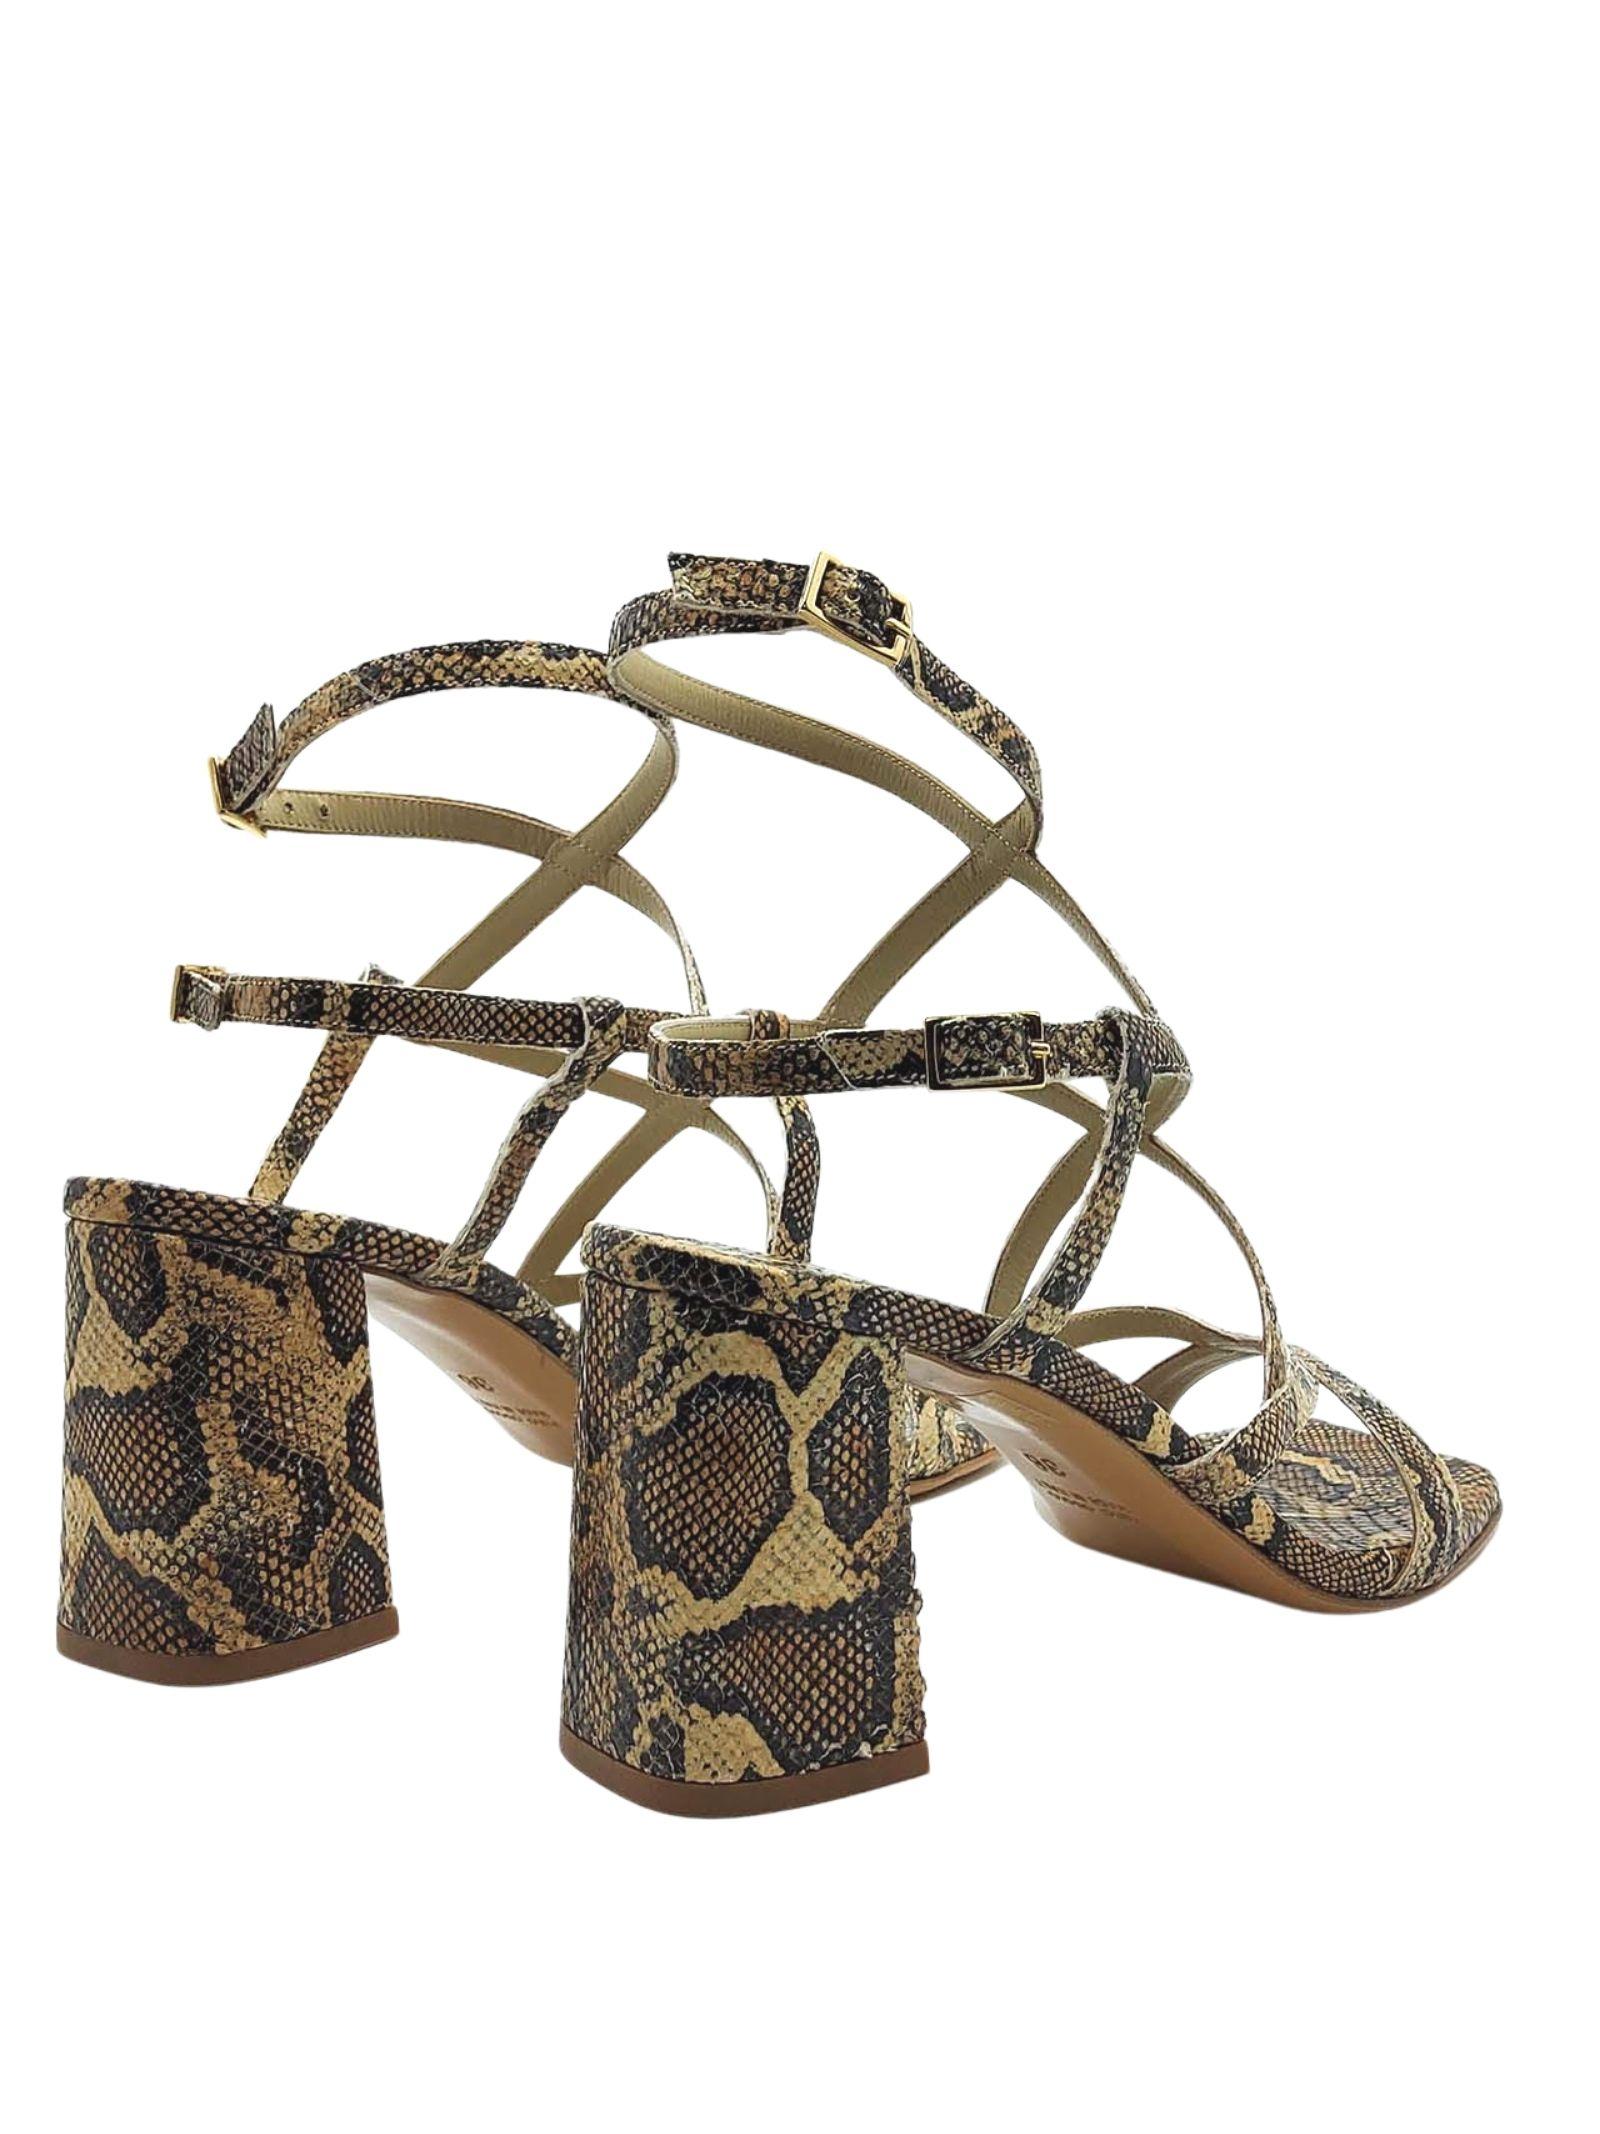 Calzature Donna Sandali In Pelle Stampa Pitone Punta Quadra Tacco Alto Con Cinturini Intrecciati Tattoo | Sandali | 119MILO502